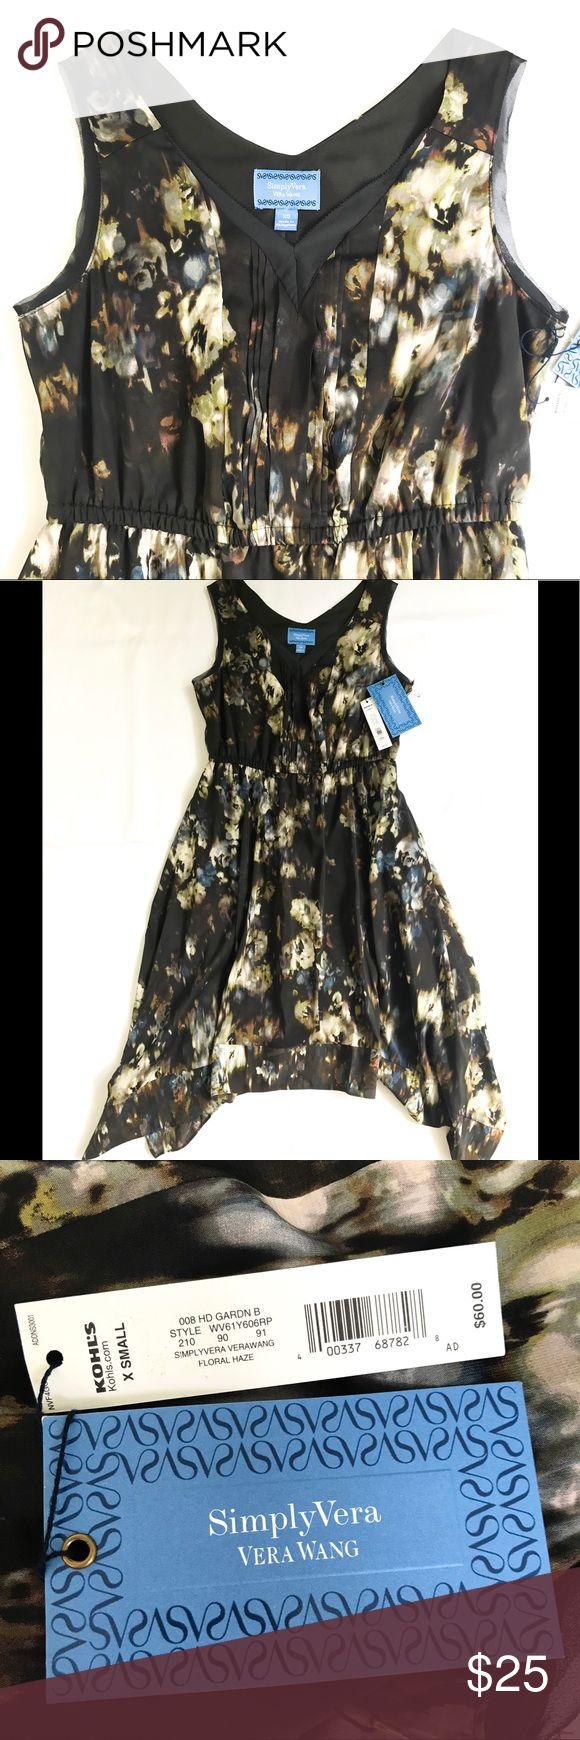 Simply Vera flowy dress Simply Vera by Vera Wang flowy dress Simply Vera Vera Wang Dresses Midi